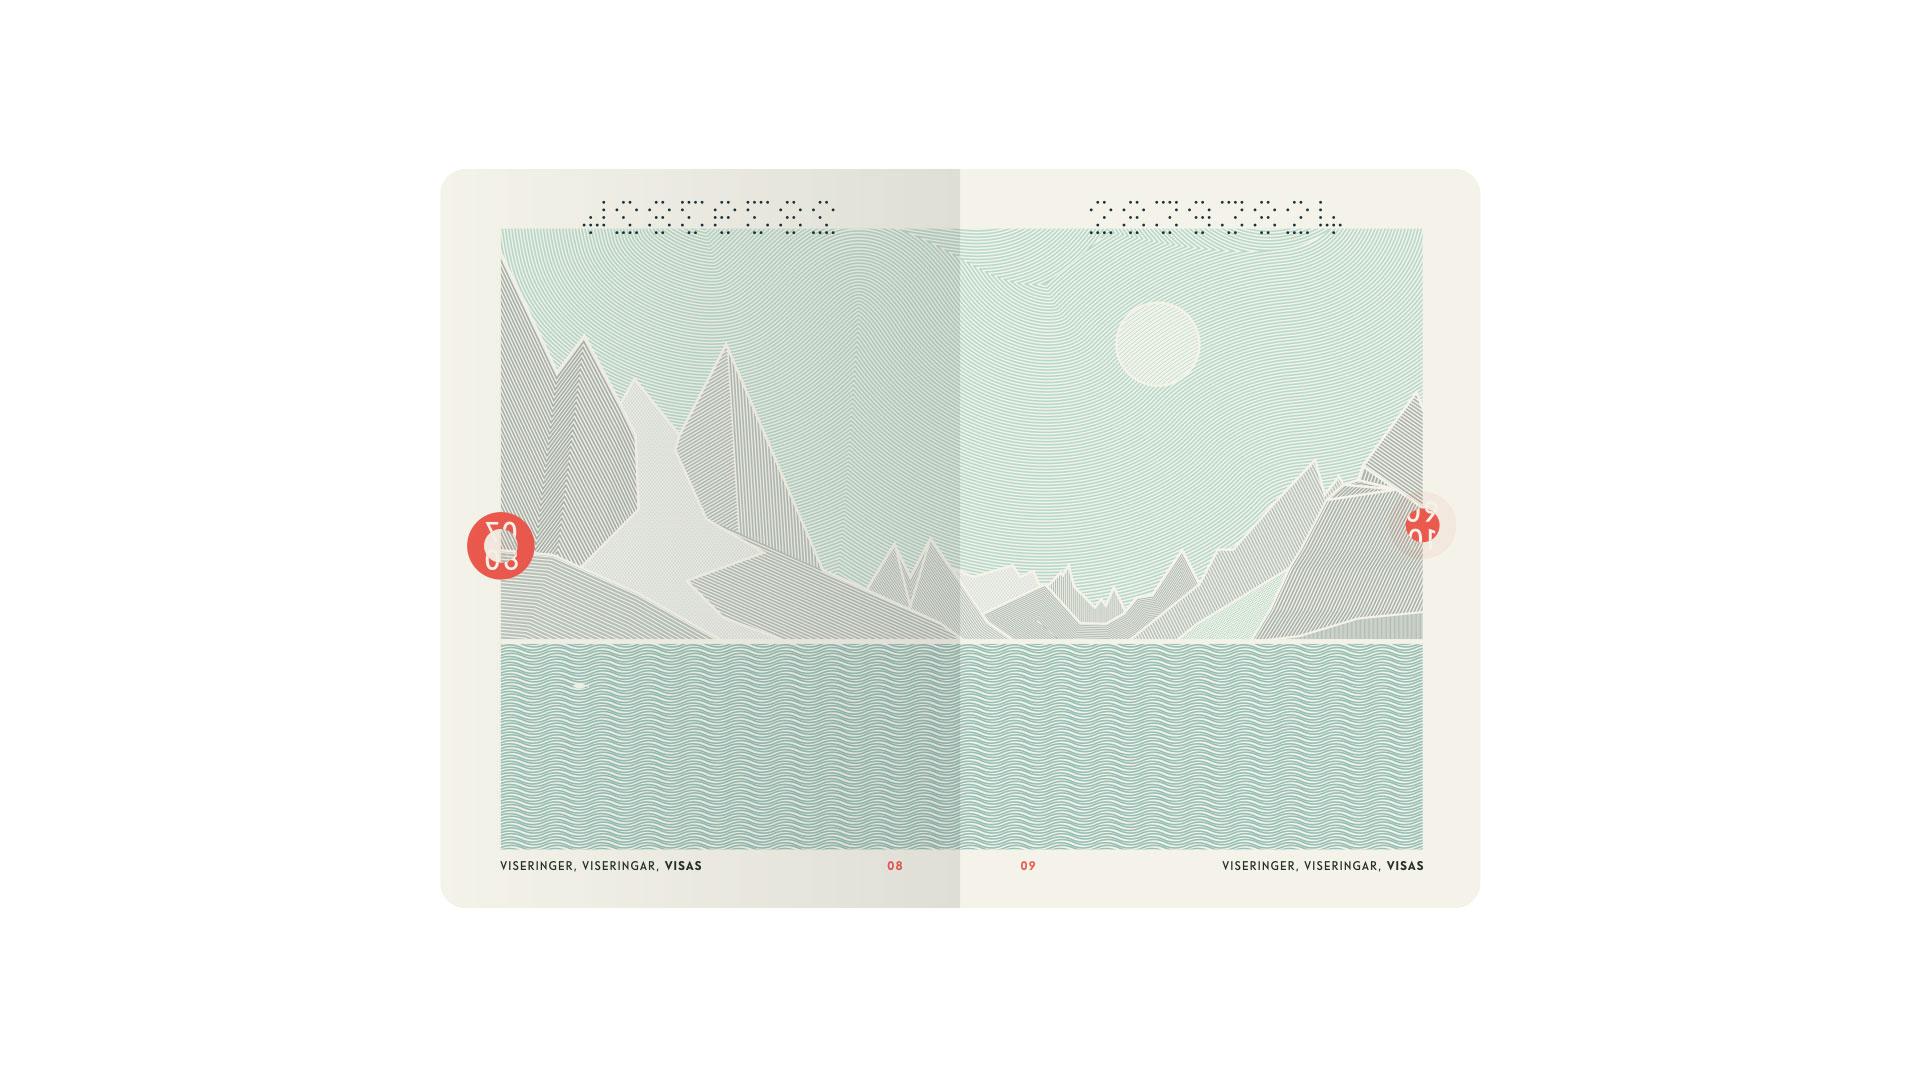 Norwegianpassport_spread.jpg